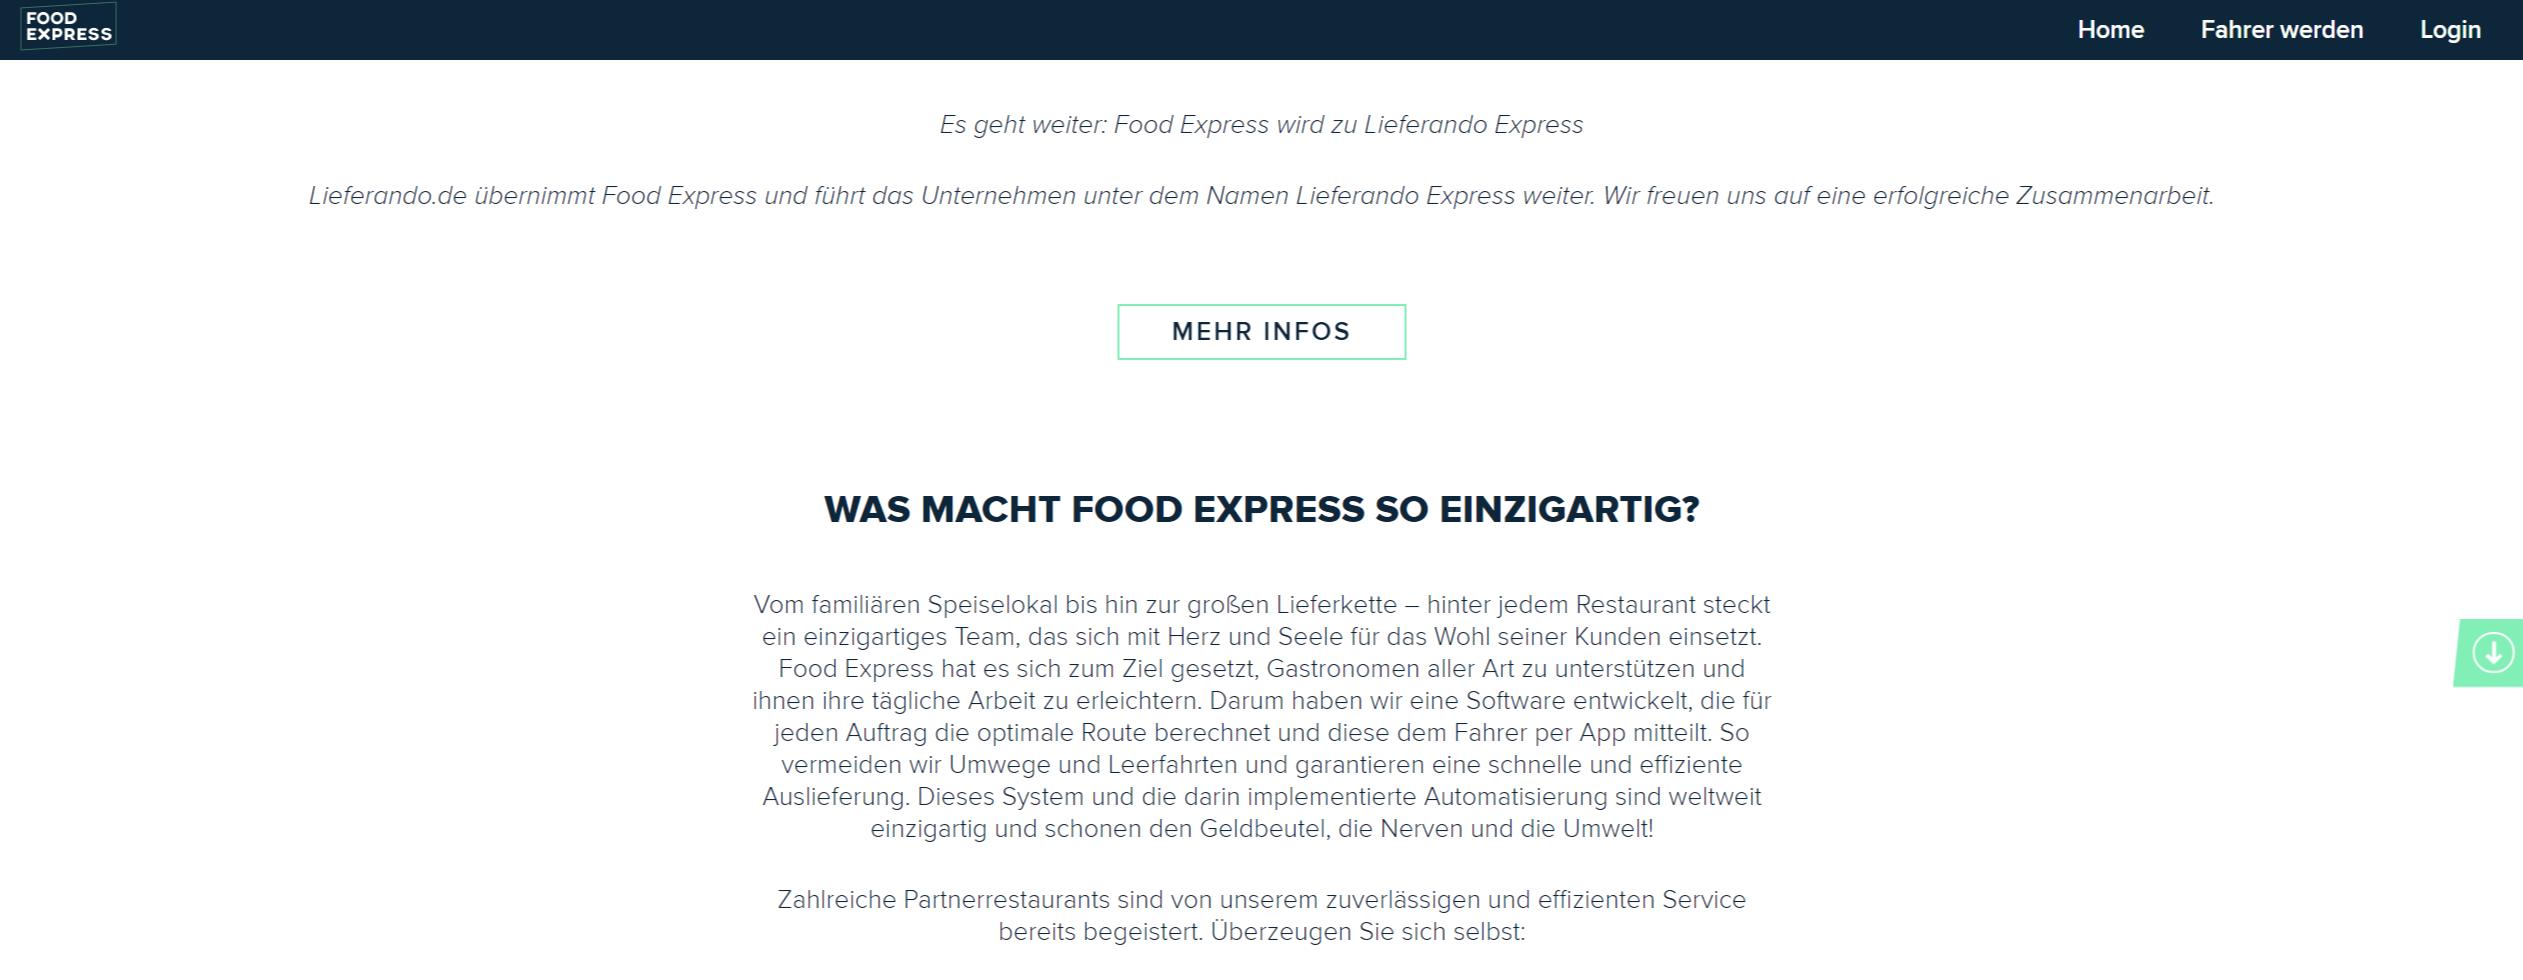 food-express-lieferando-express